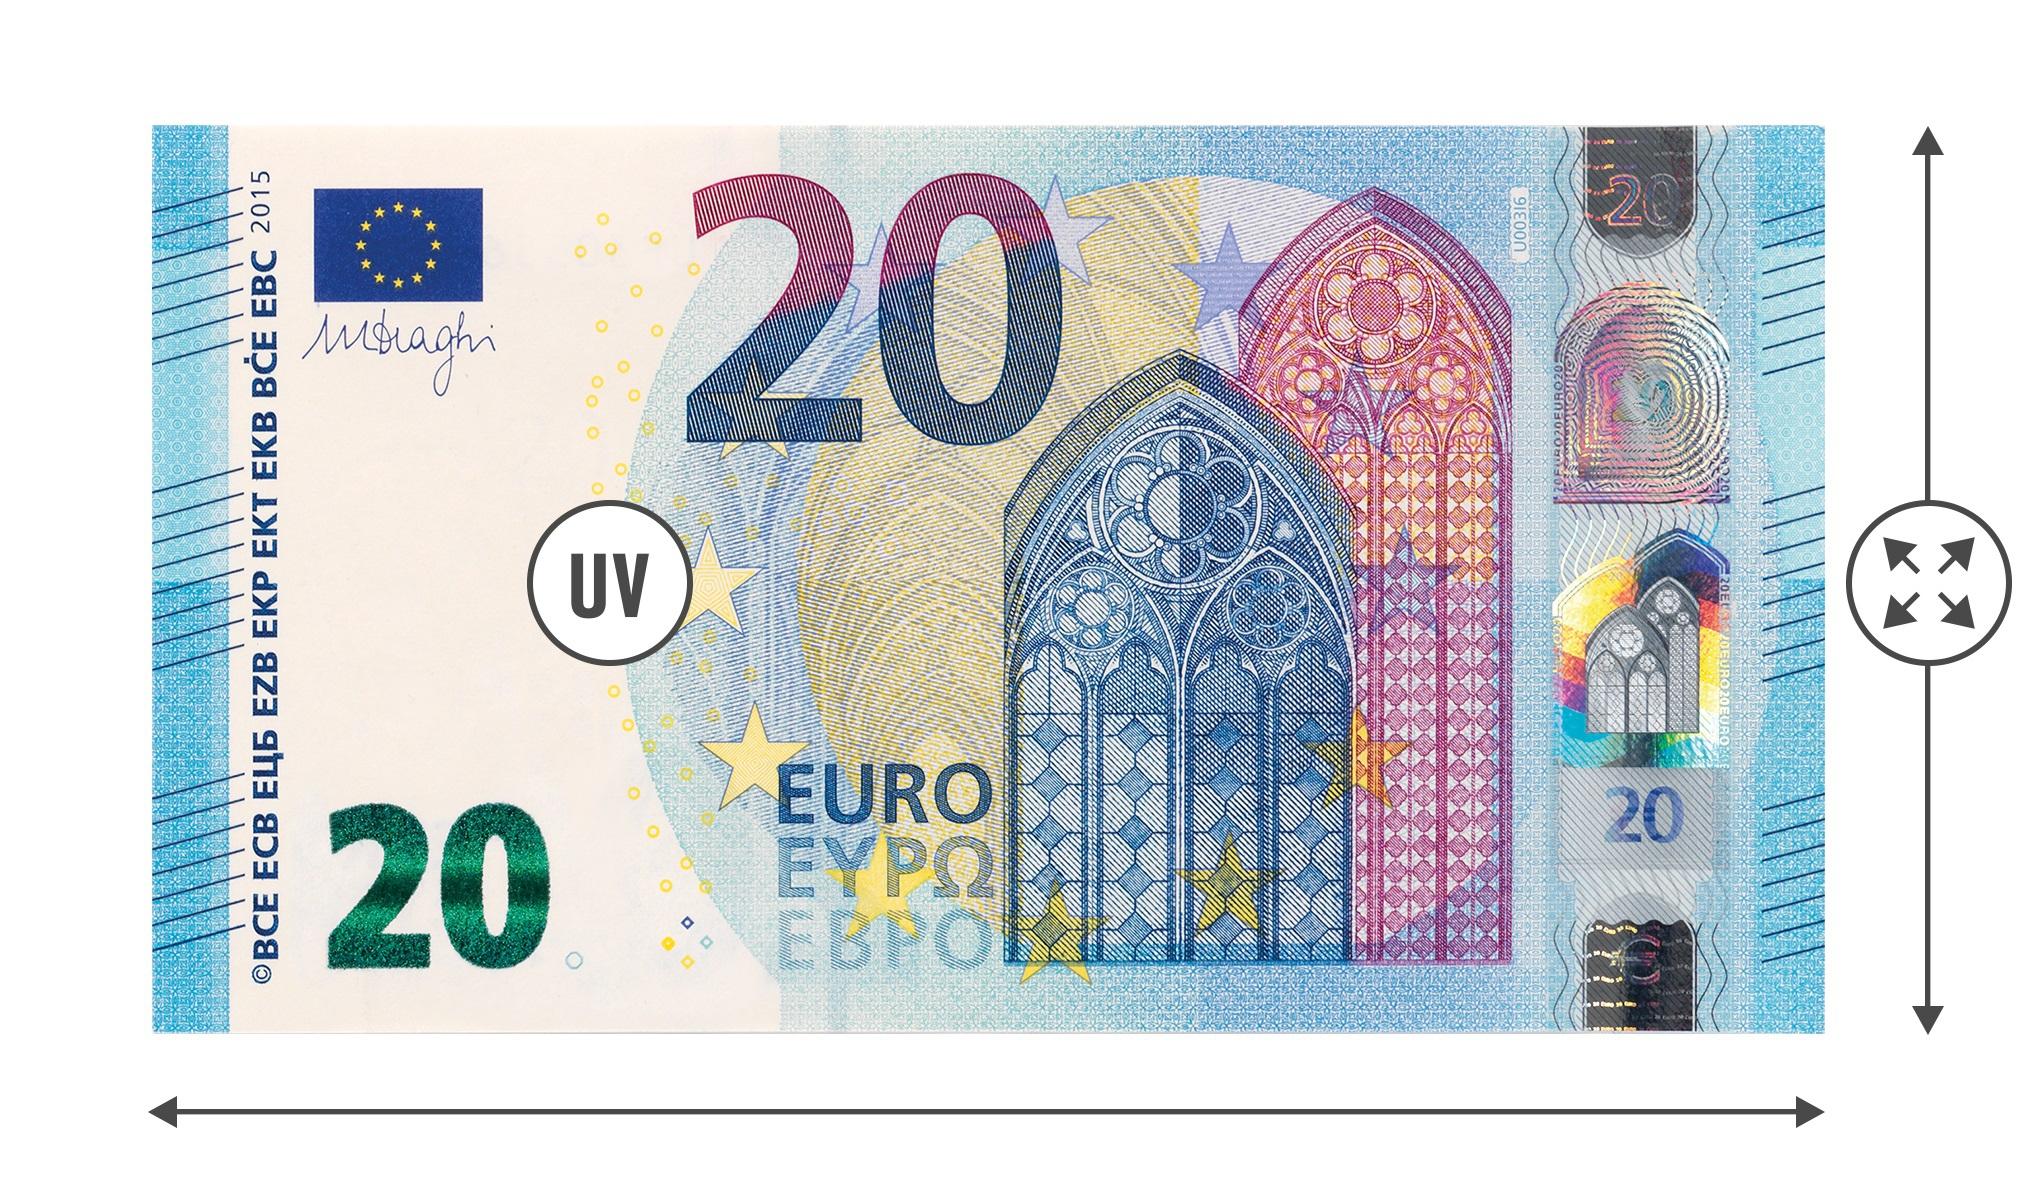 Safescan 2210 tout Billet De 5 Euros À Imprimer